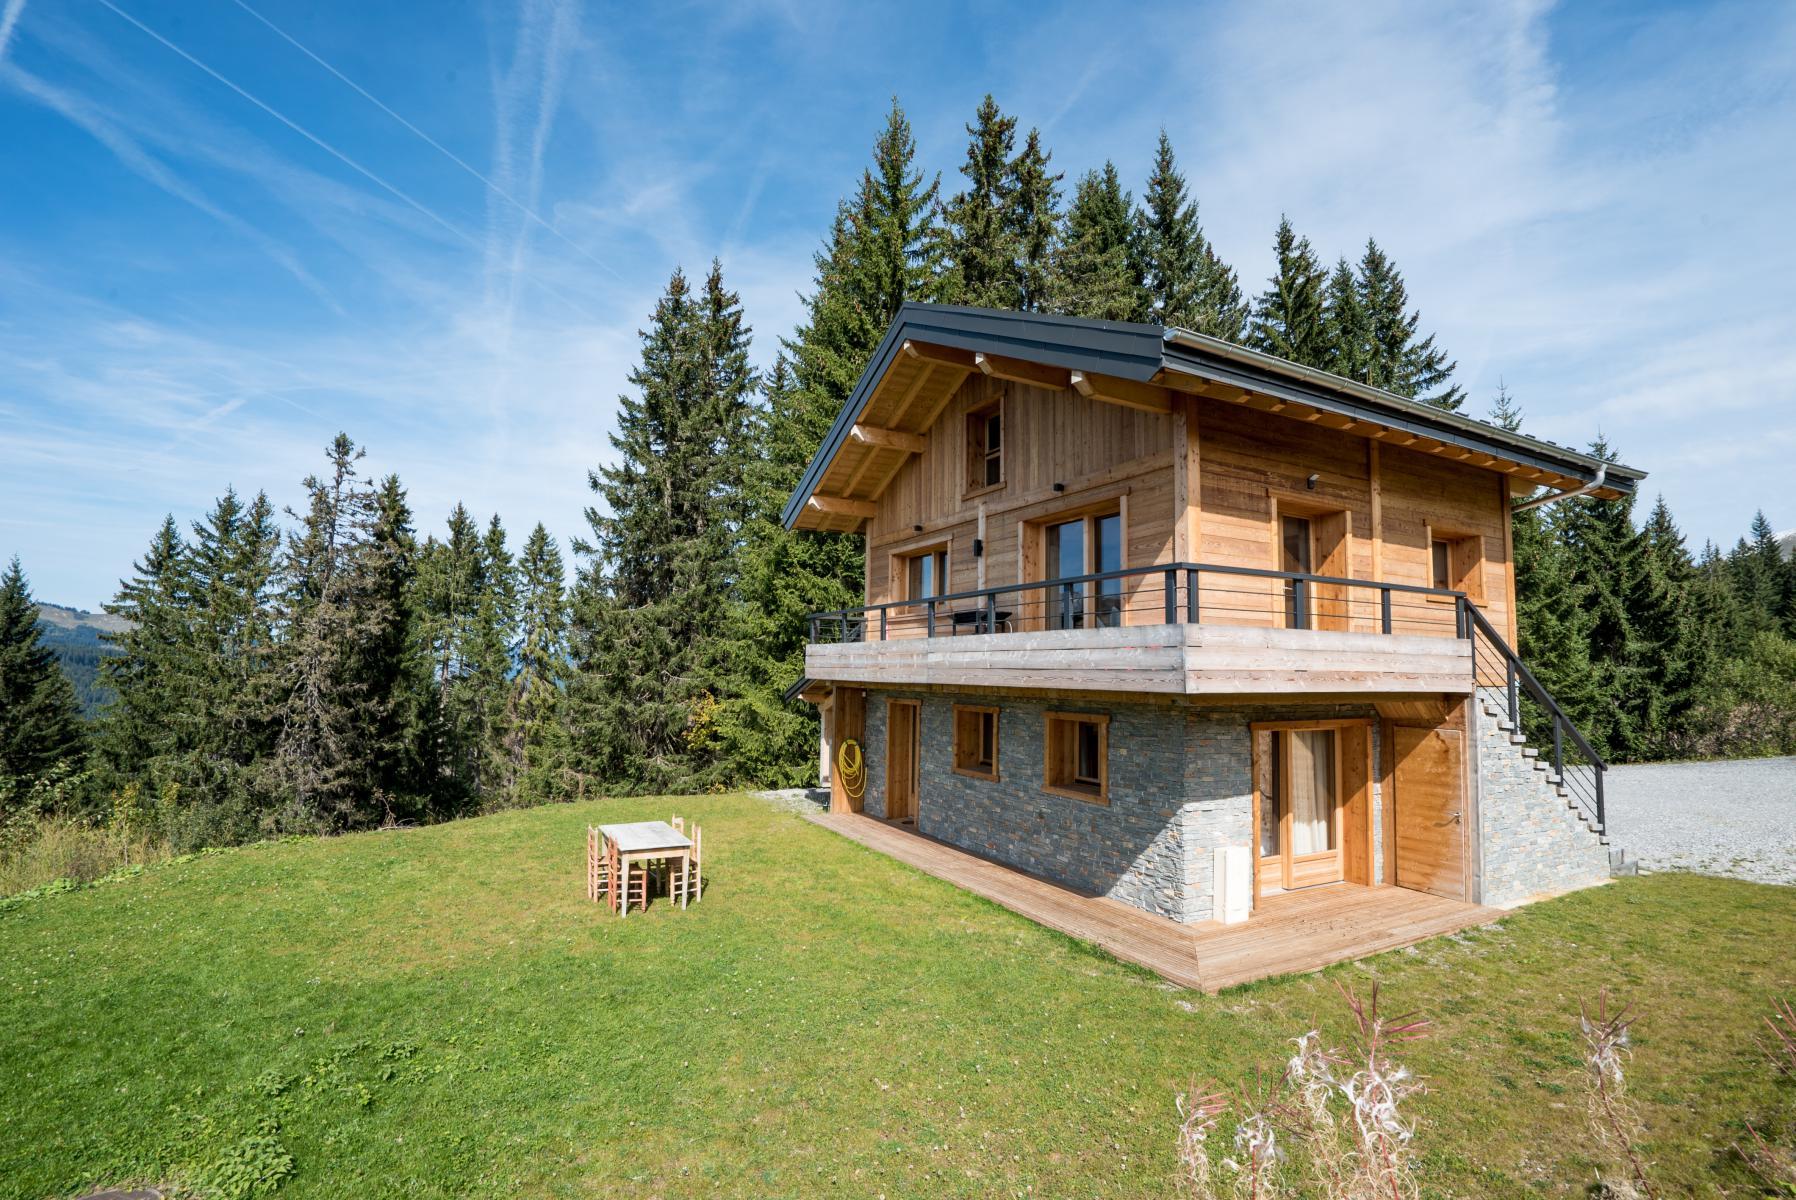 Renovated Chalet on Les Gets Ski Slopes'